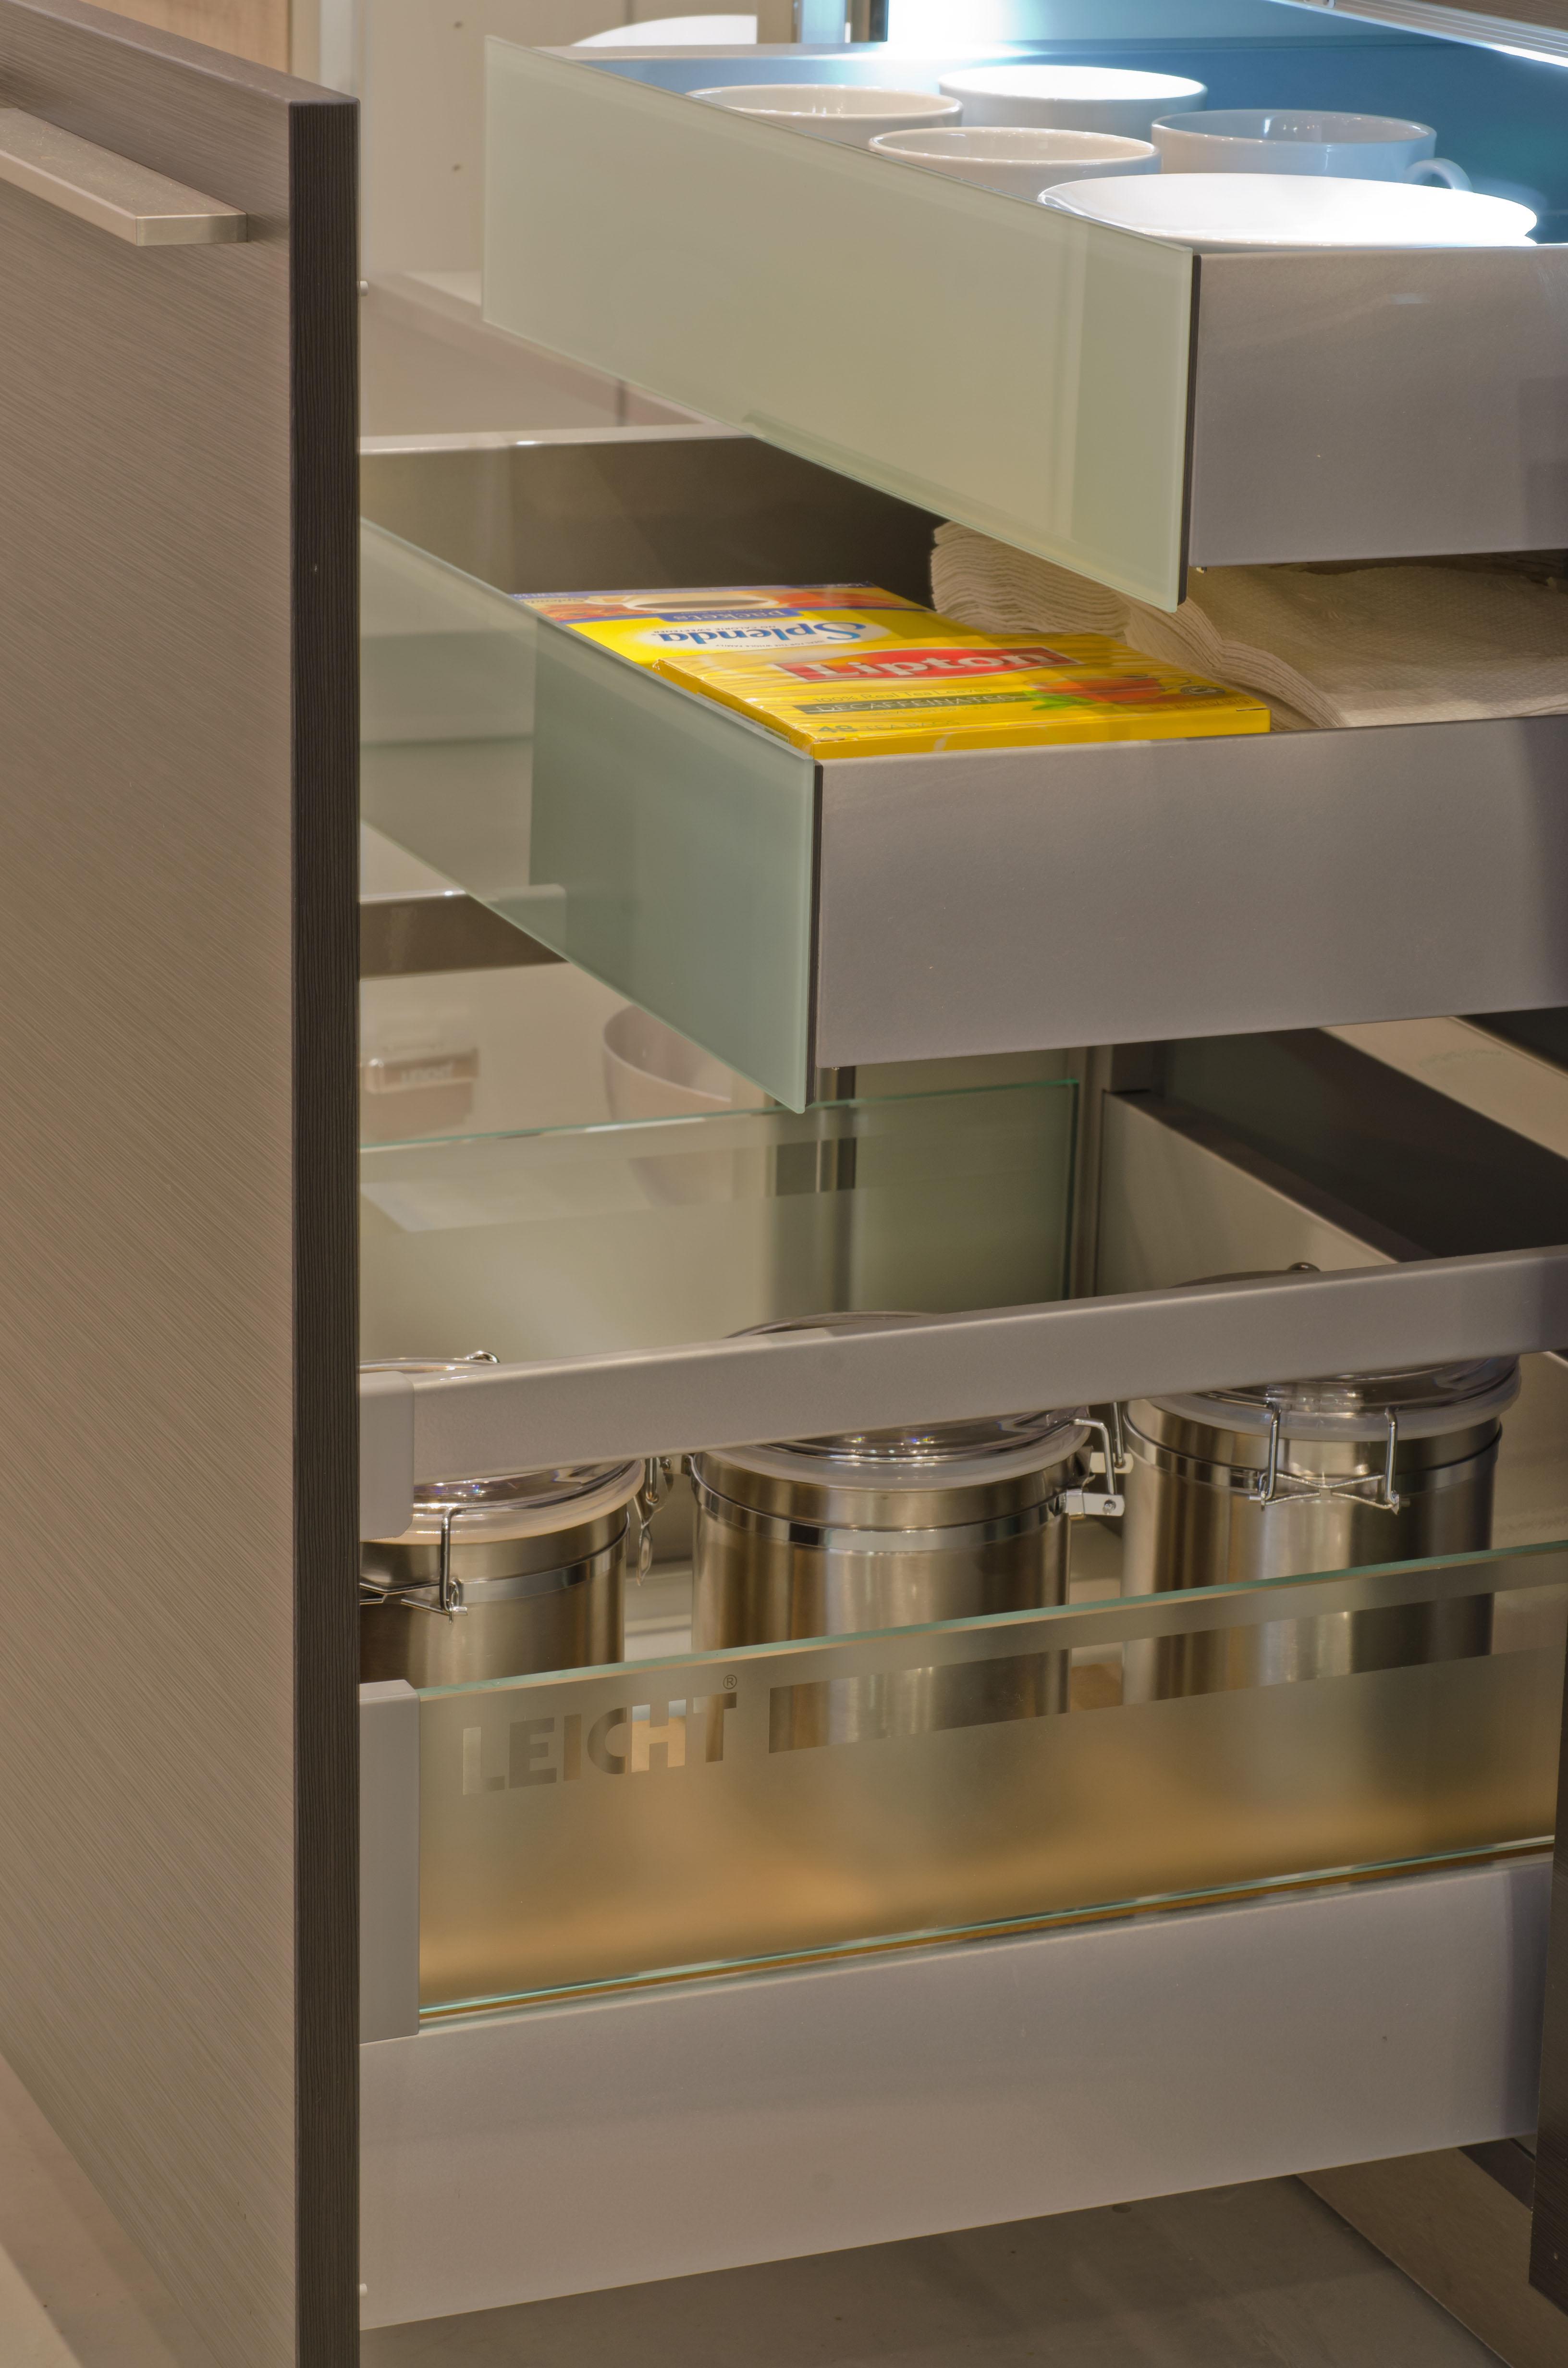 Leicht Westchester22 Kitchen Cabinets Leicht New York